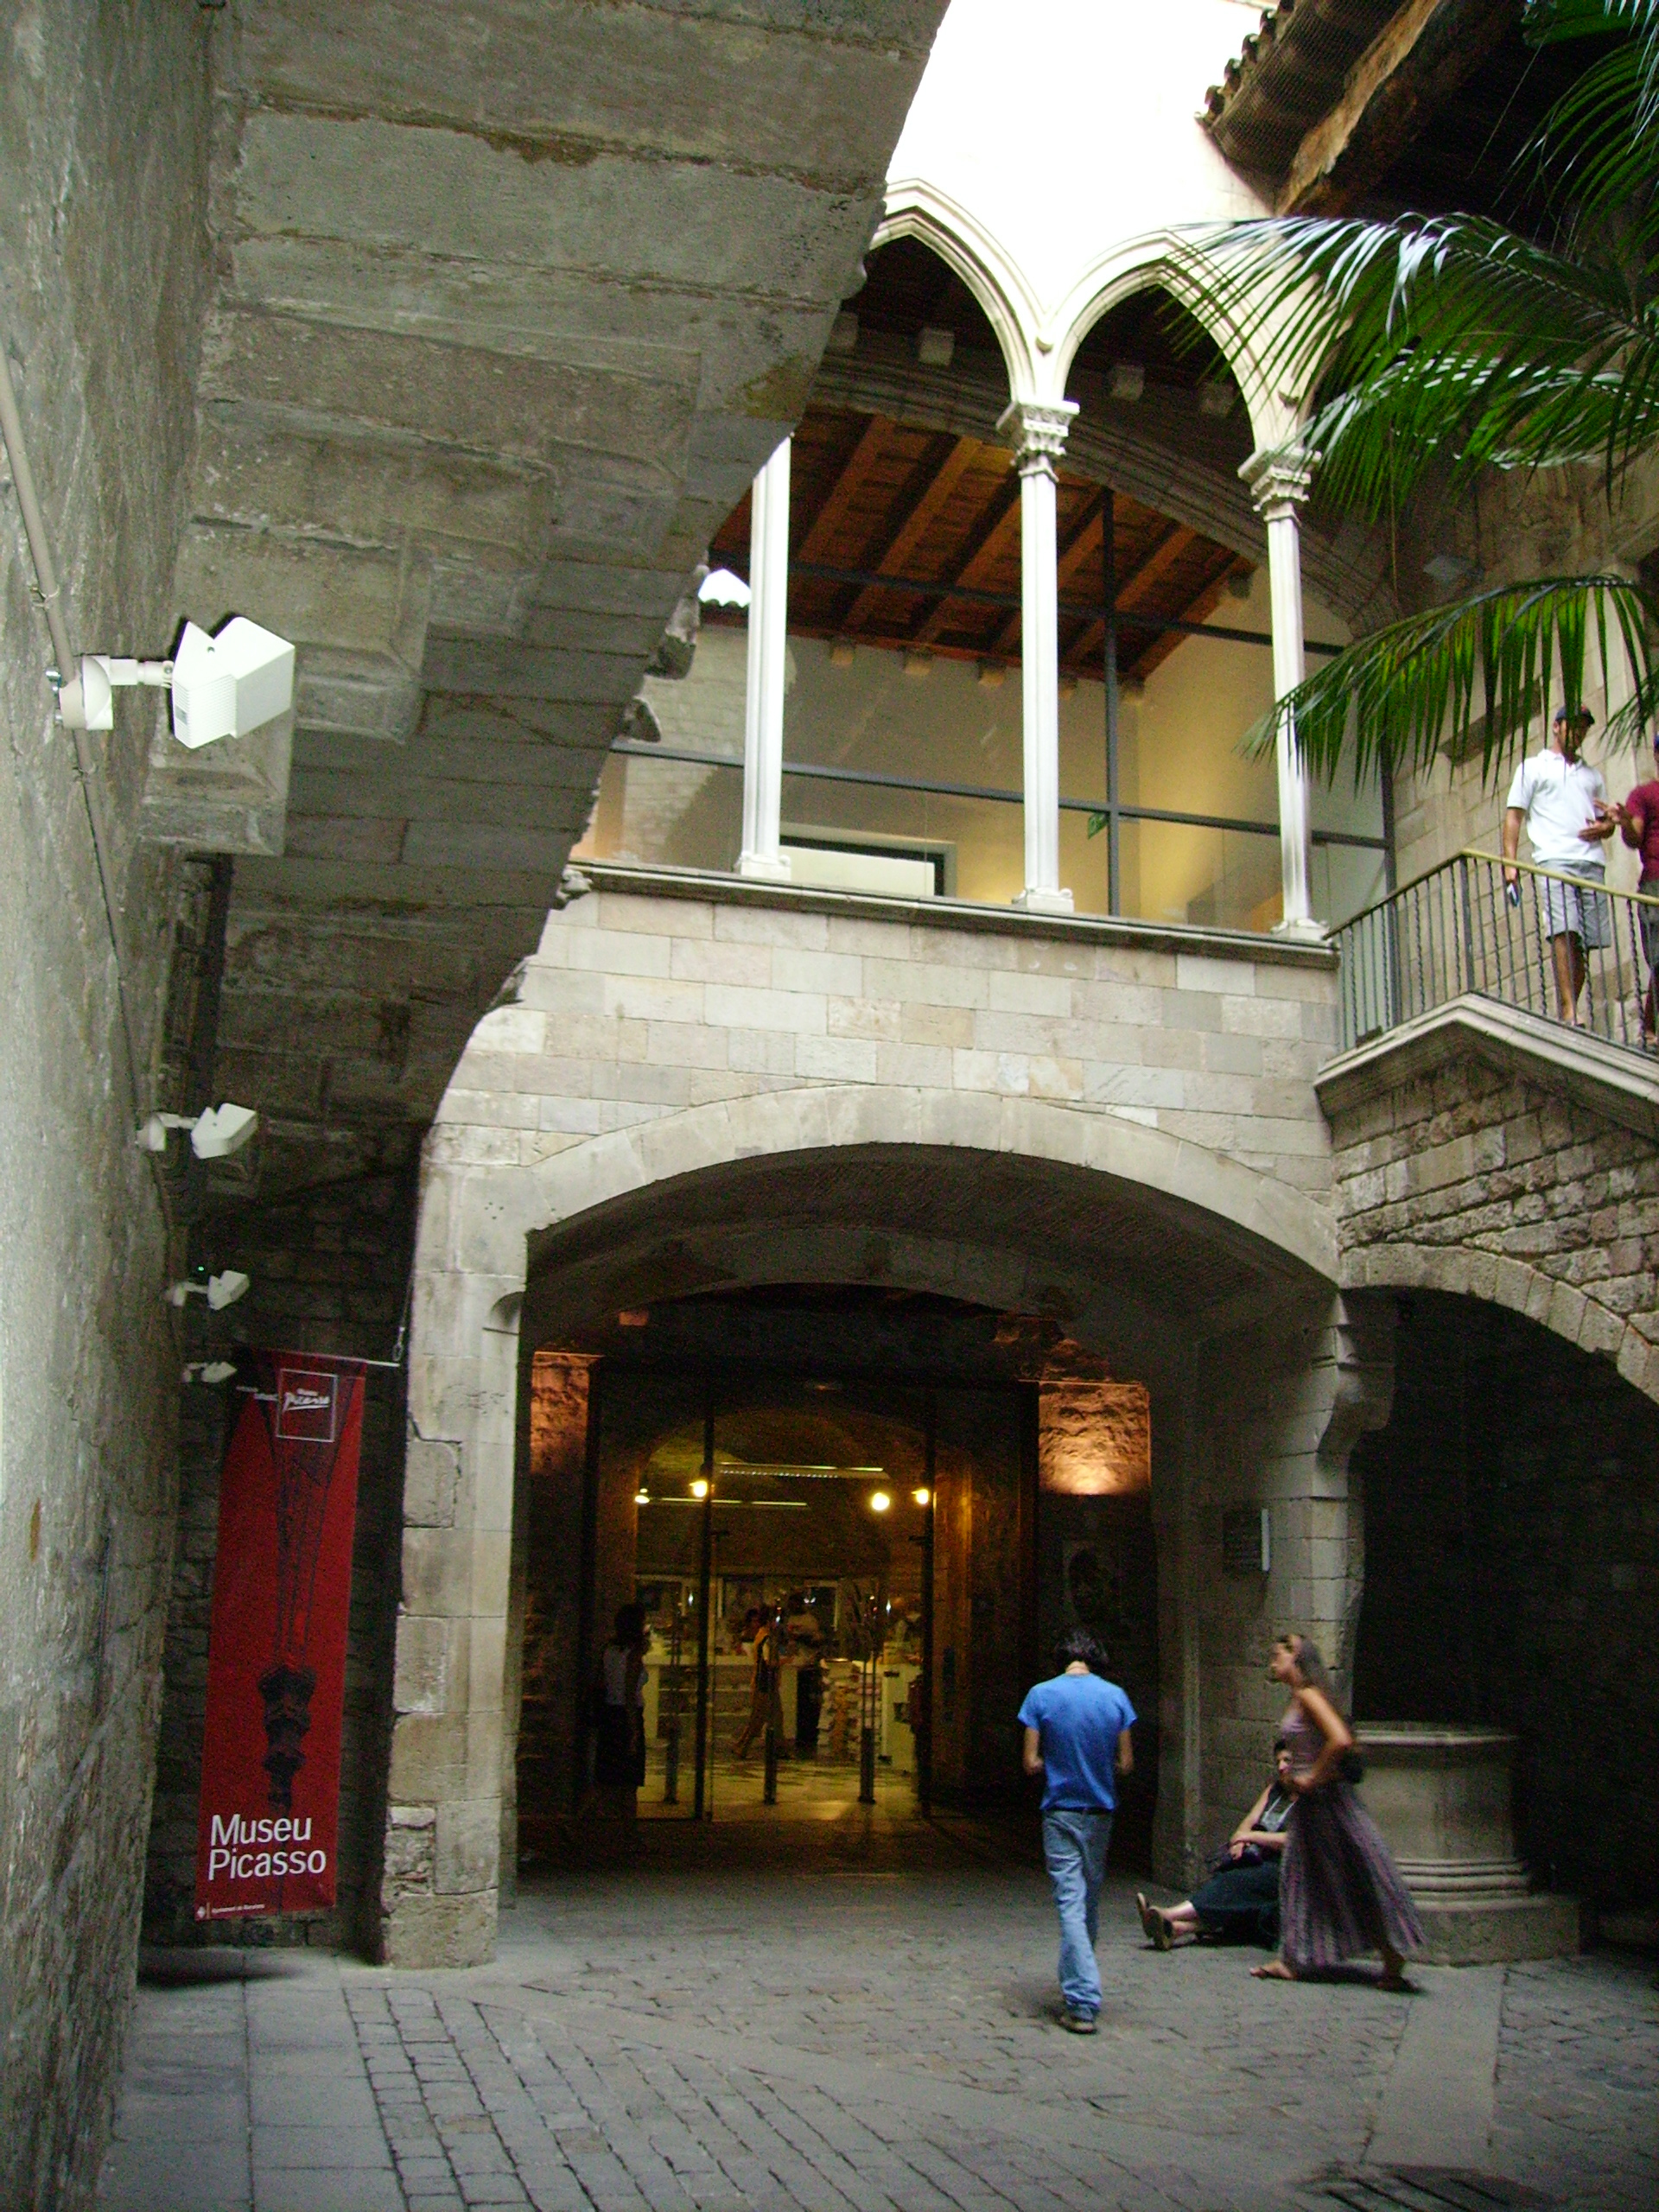 Музей пикассо в барселоне фото